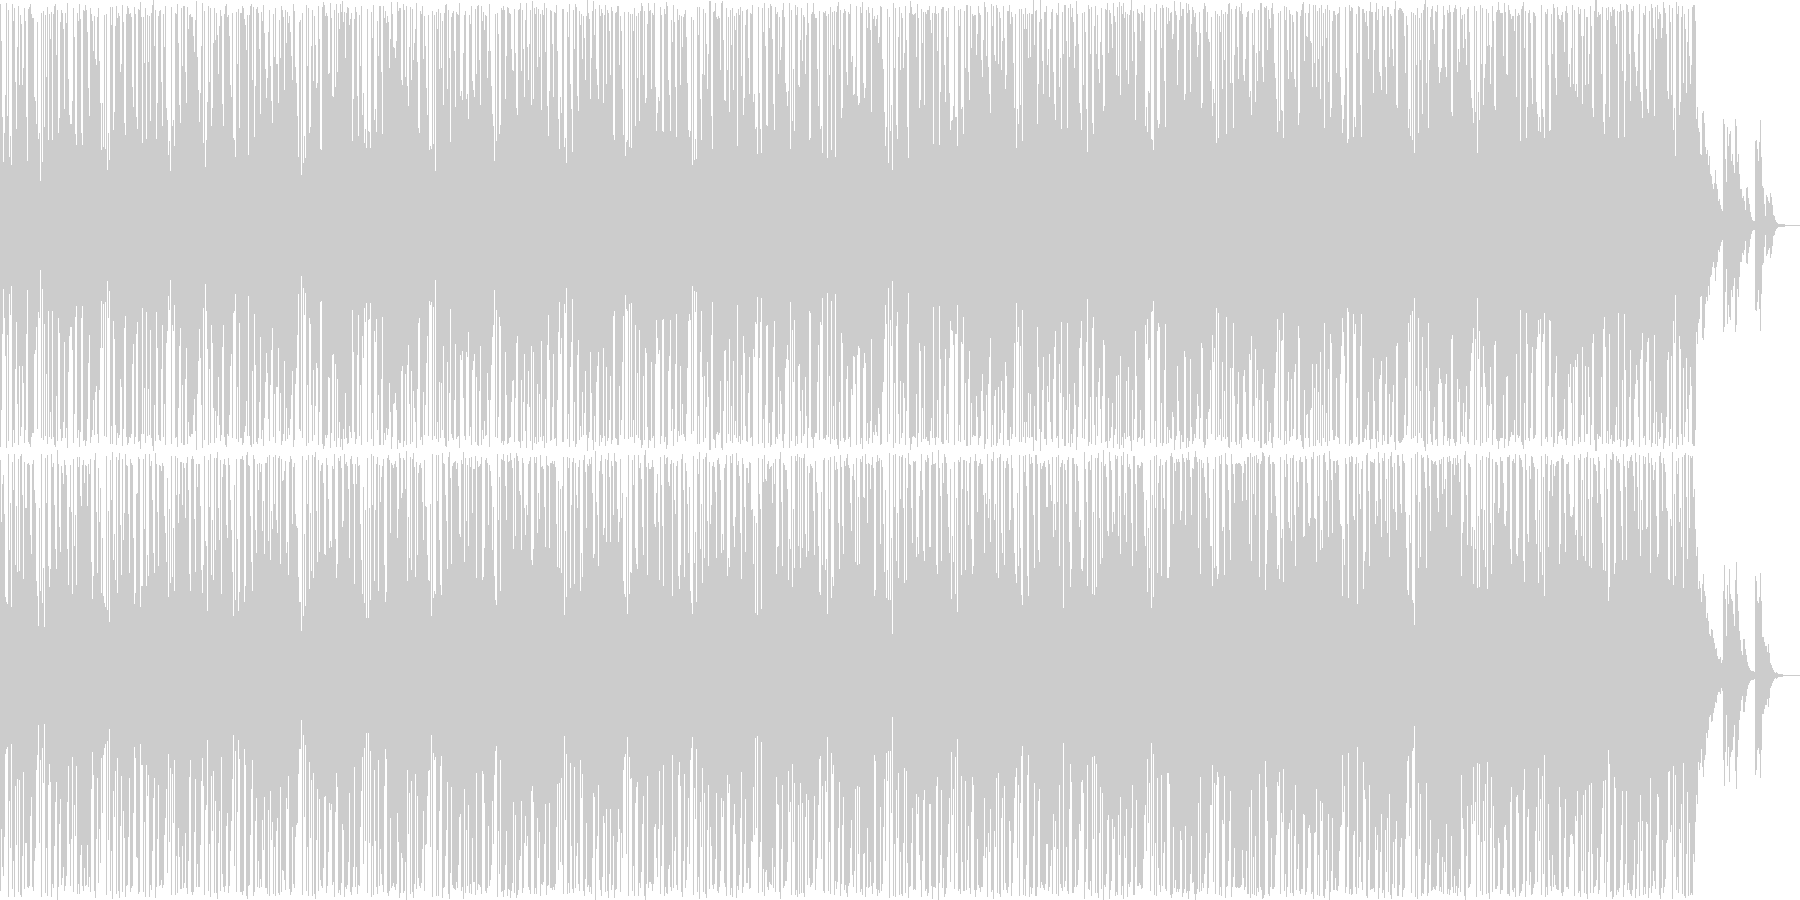 哀愁感あるトラップビートのインストの未再生の波形